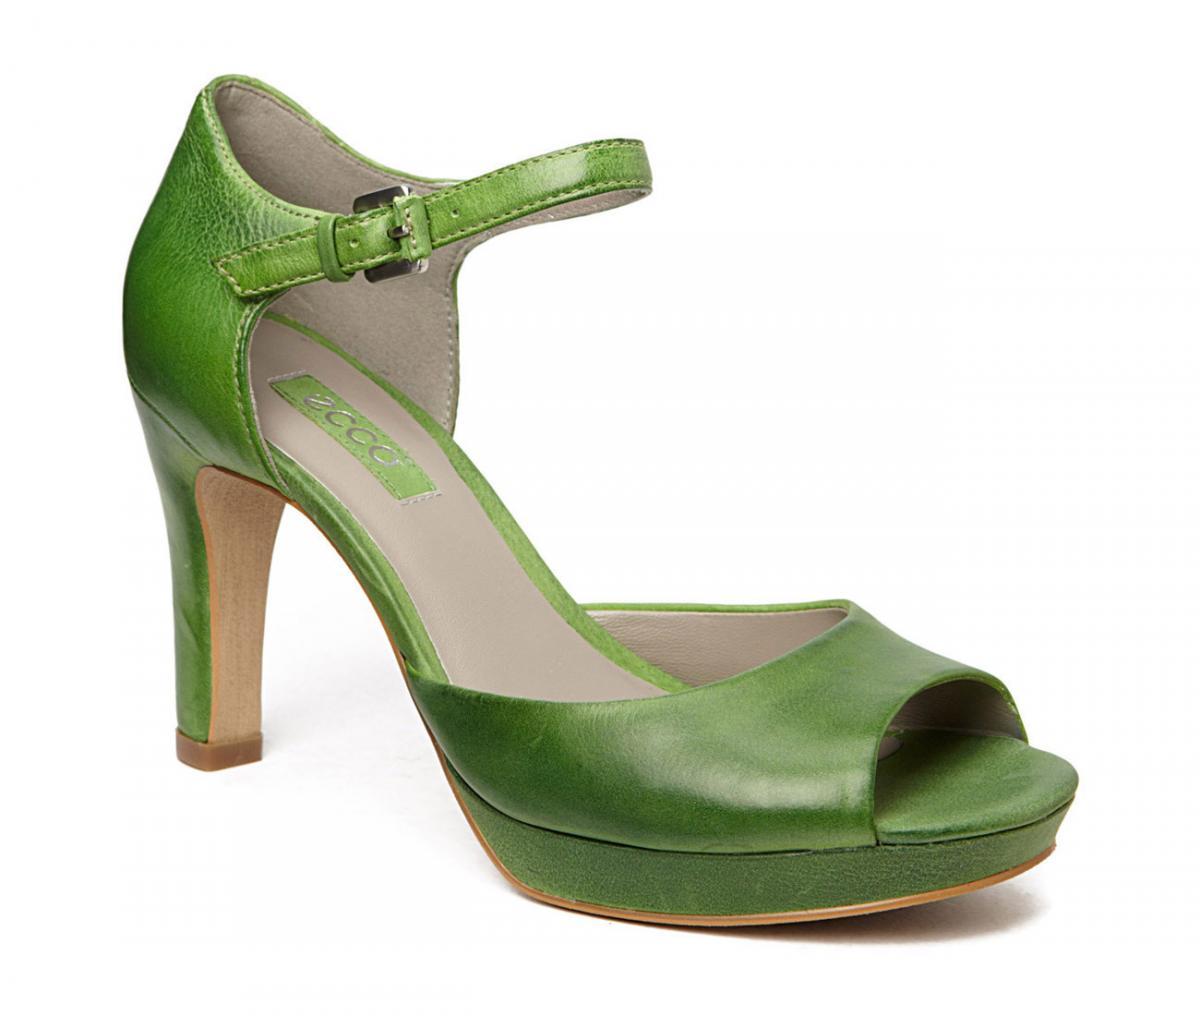 077eed5e184 Skal i se mine grønne sko? - Brudetilbehør - Bryllupsklar.dk